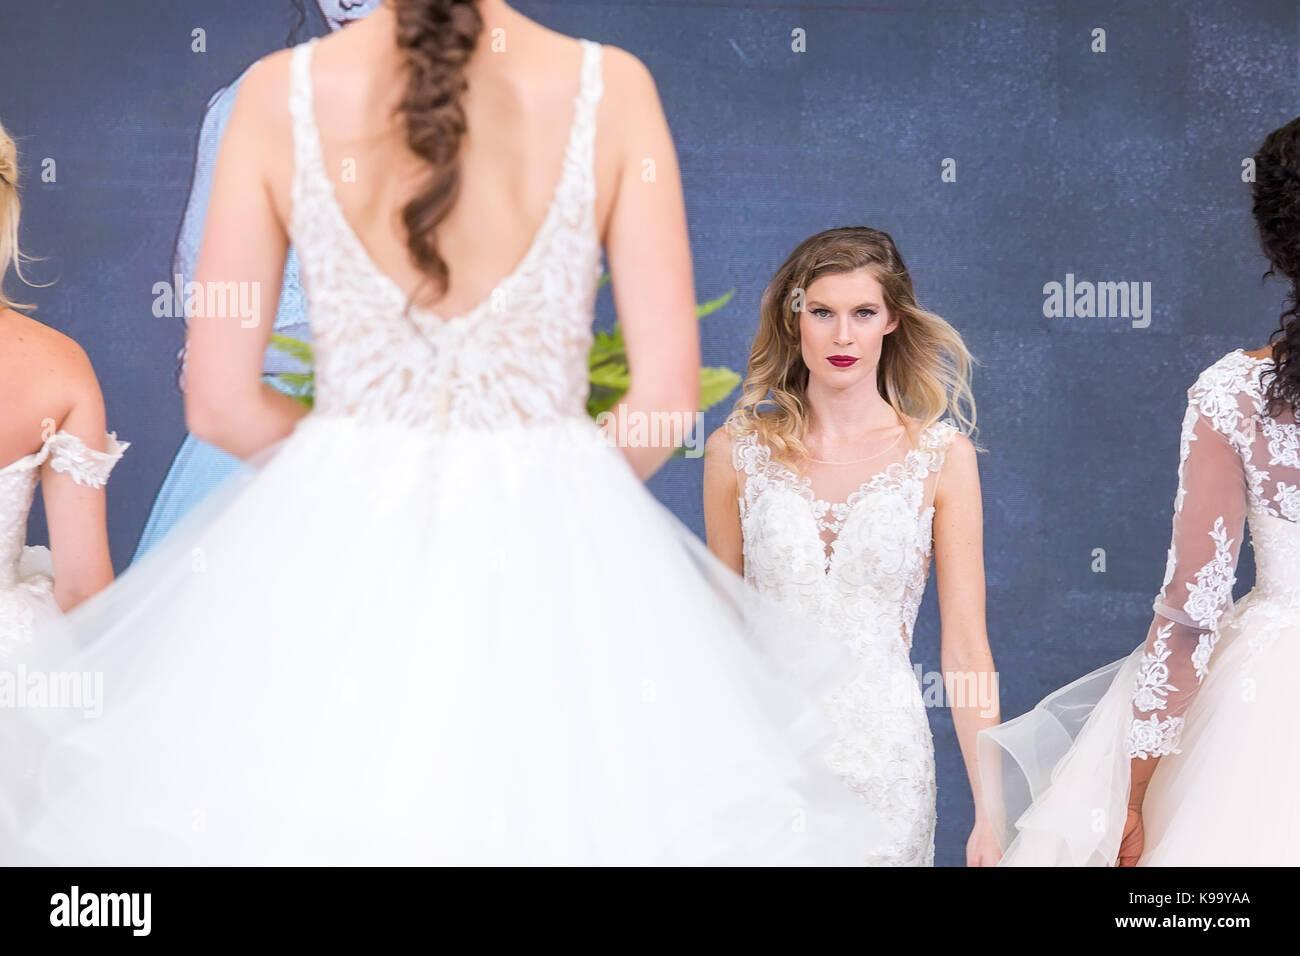 Nett Prom Kleidergeschäfte In Großbritannien Bilder - Brautkleider ...